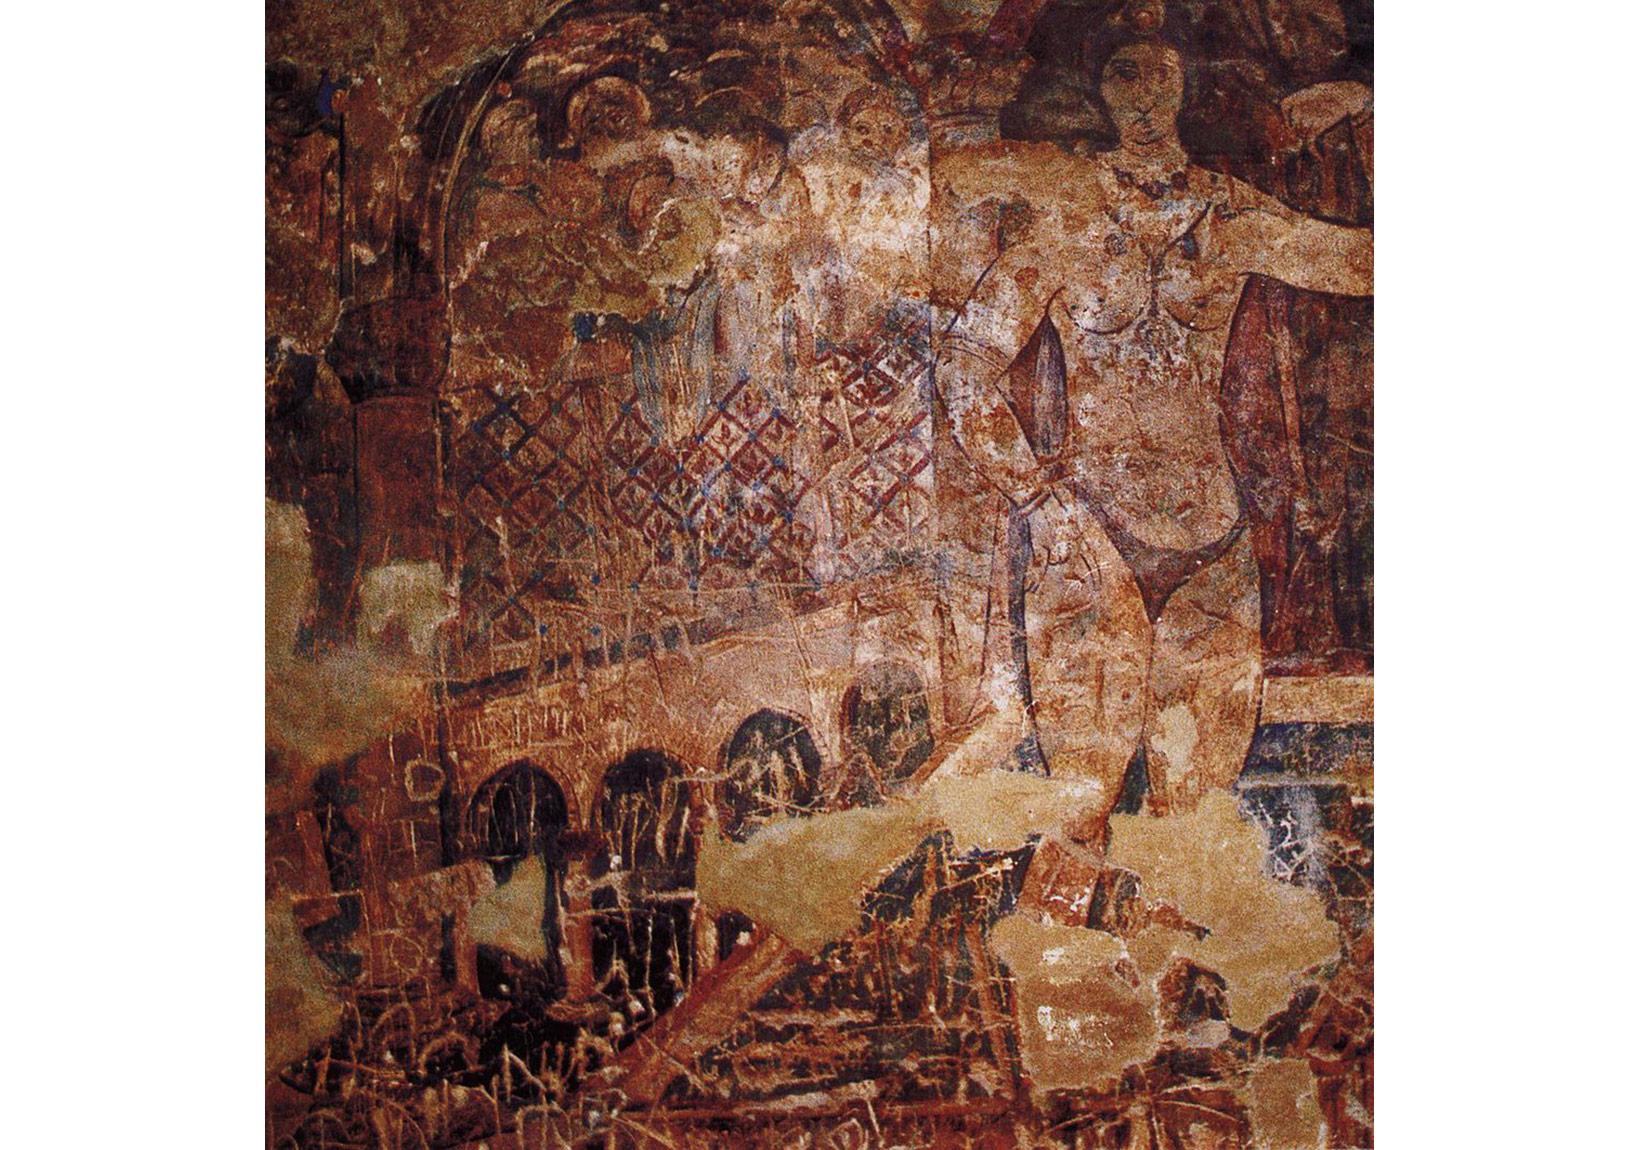 Ürdün'de 8. yüzyıl başlarında Emeviler'in yaptığı Amra Kasrı'ndan çıplak bir kadın freski